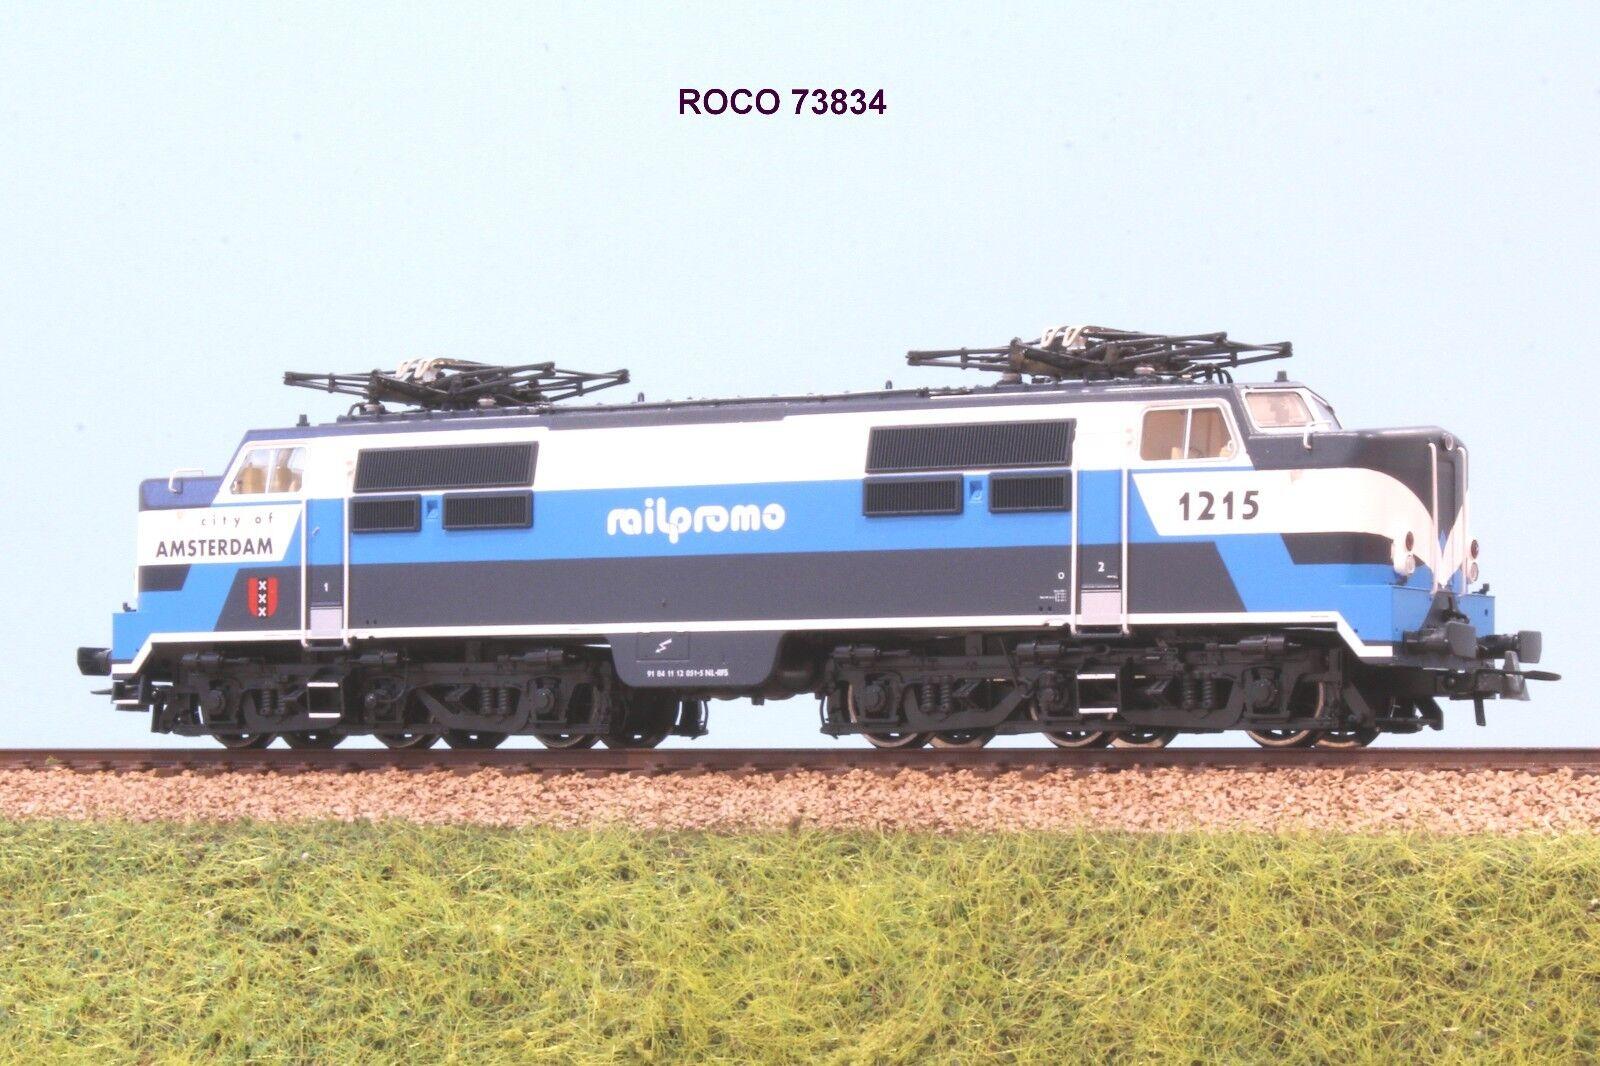 orden ahora disfrutar de gran descuento ROCO 73834 73834 73834 loco elettrica CoCo 1215  blu bianco RAILPROMO City of Amsterdam  comprar nuevo barato